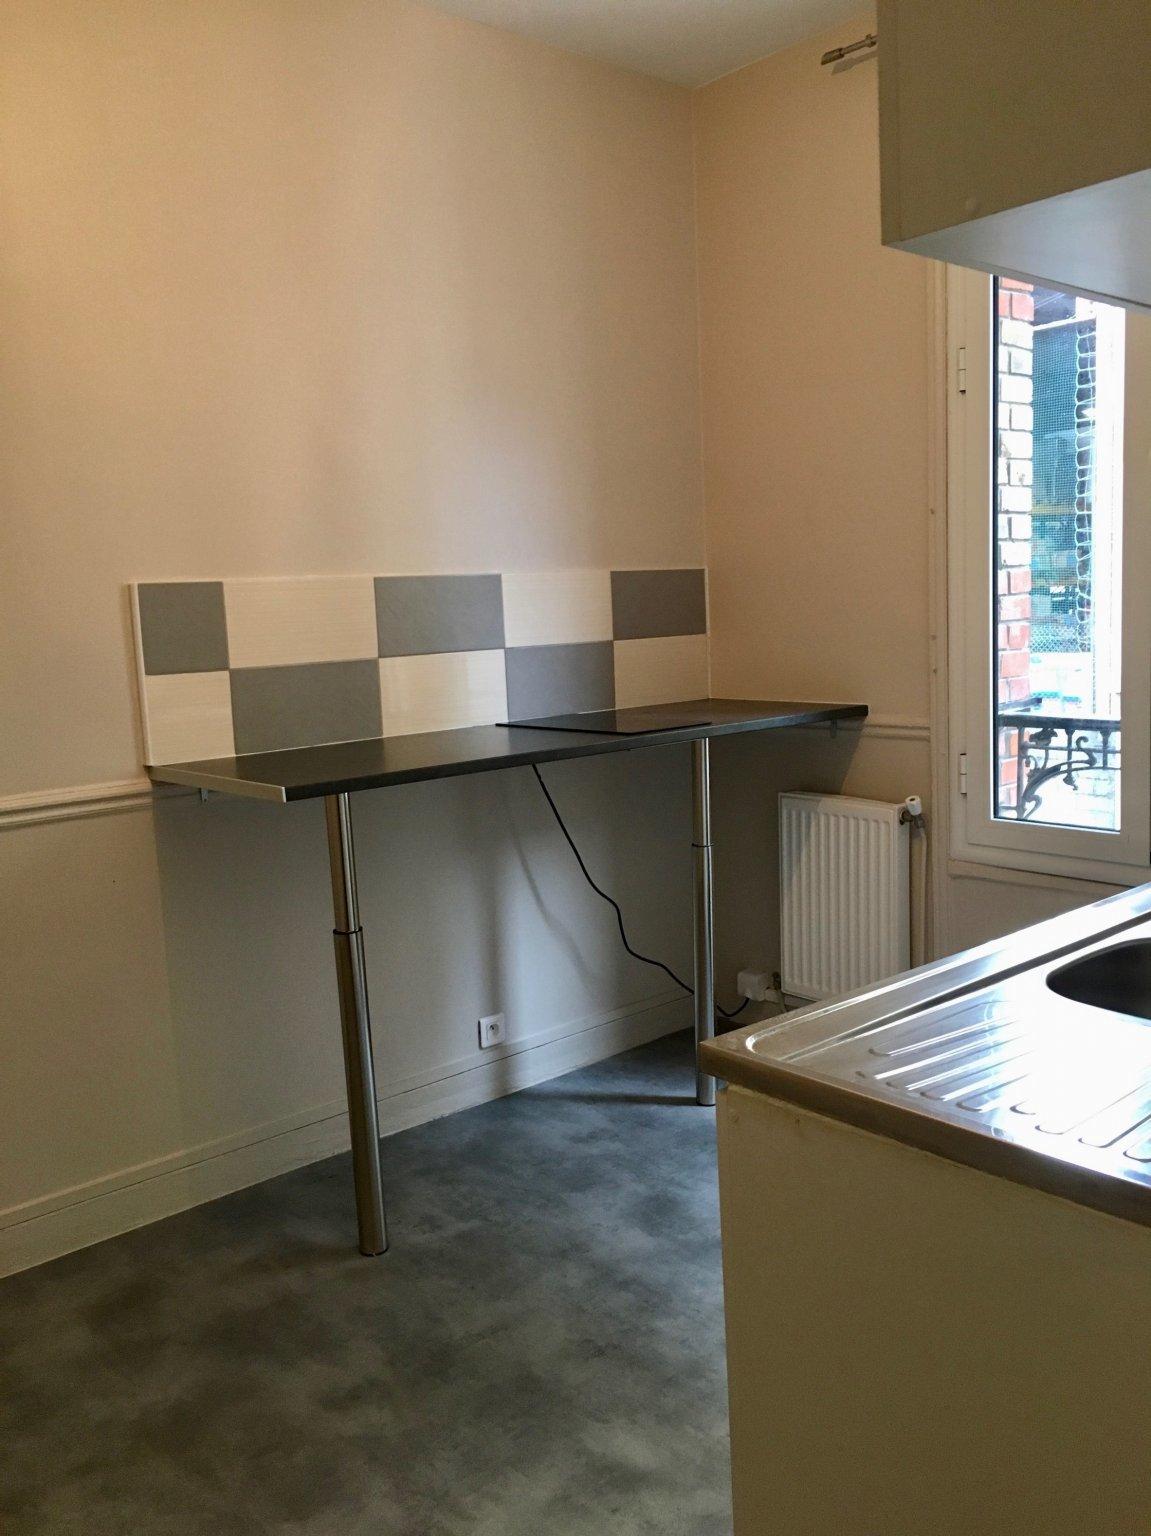 Appartement a louer boulogne-billancourt - 1 pièce(s) - 24.6 m2 - Surfyn